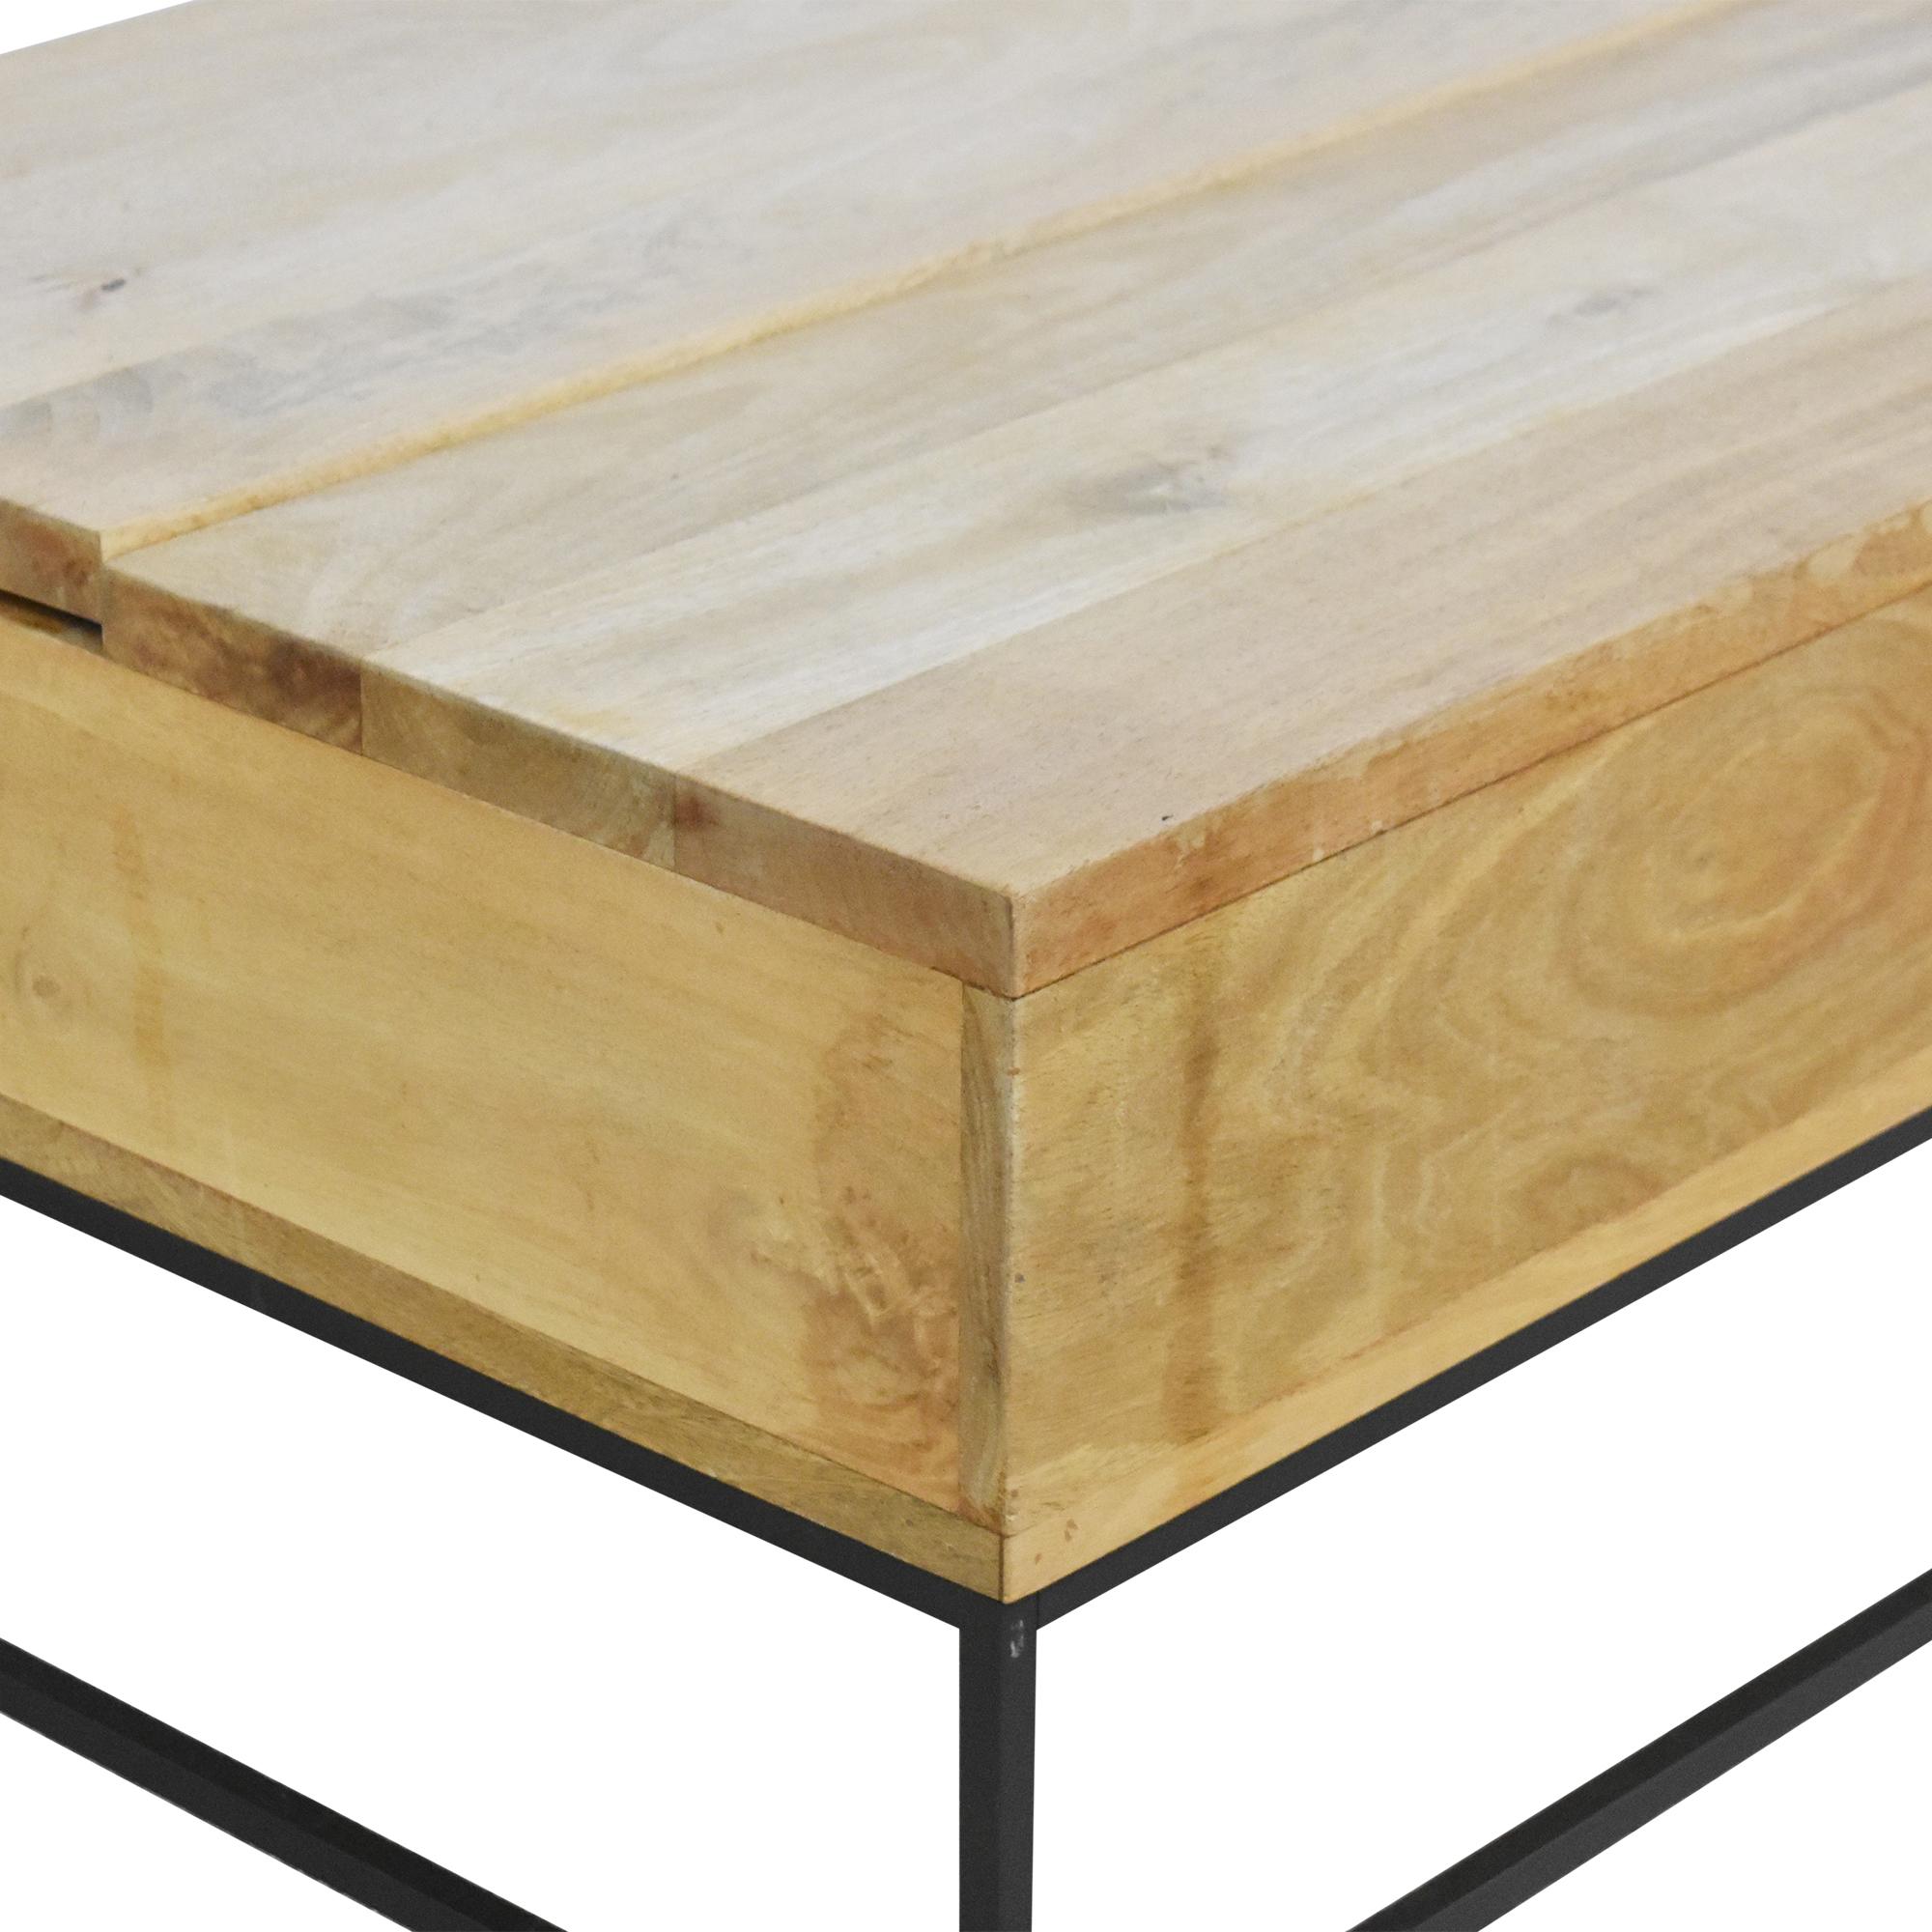 West Elm West Elm Industrial Storage Pop Up Coffee Table nyc